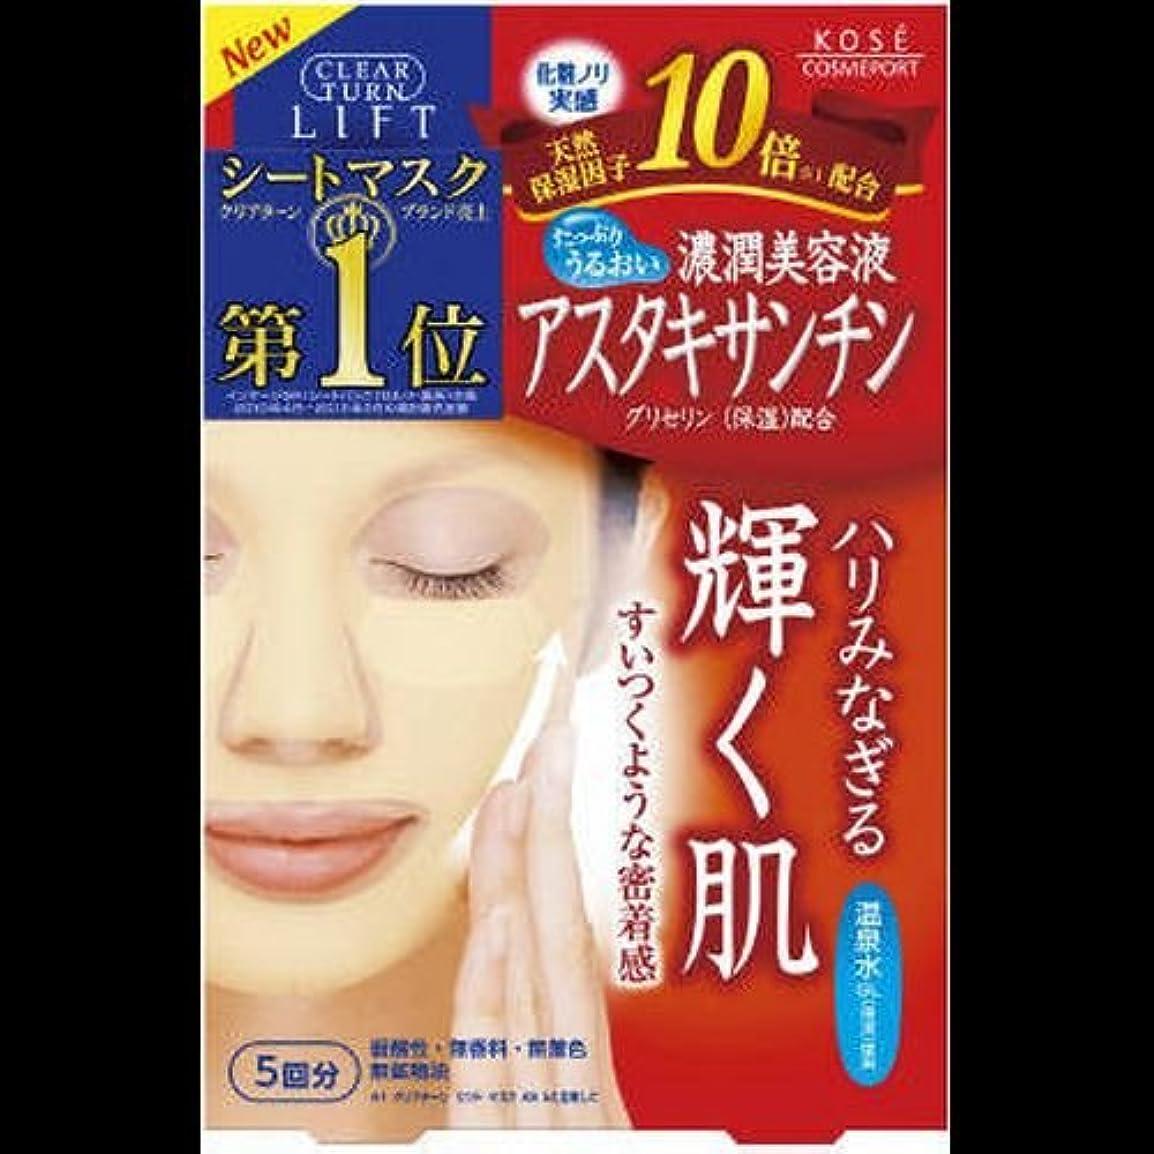 プロフェッショナル弁護士ハンサムクリアターン リフト マスク AS c (アスタキサンチン) 5回分 ×2セット